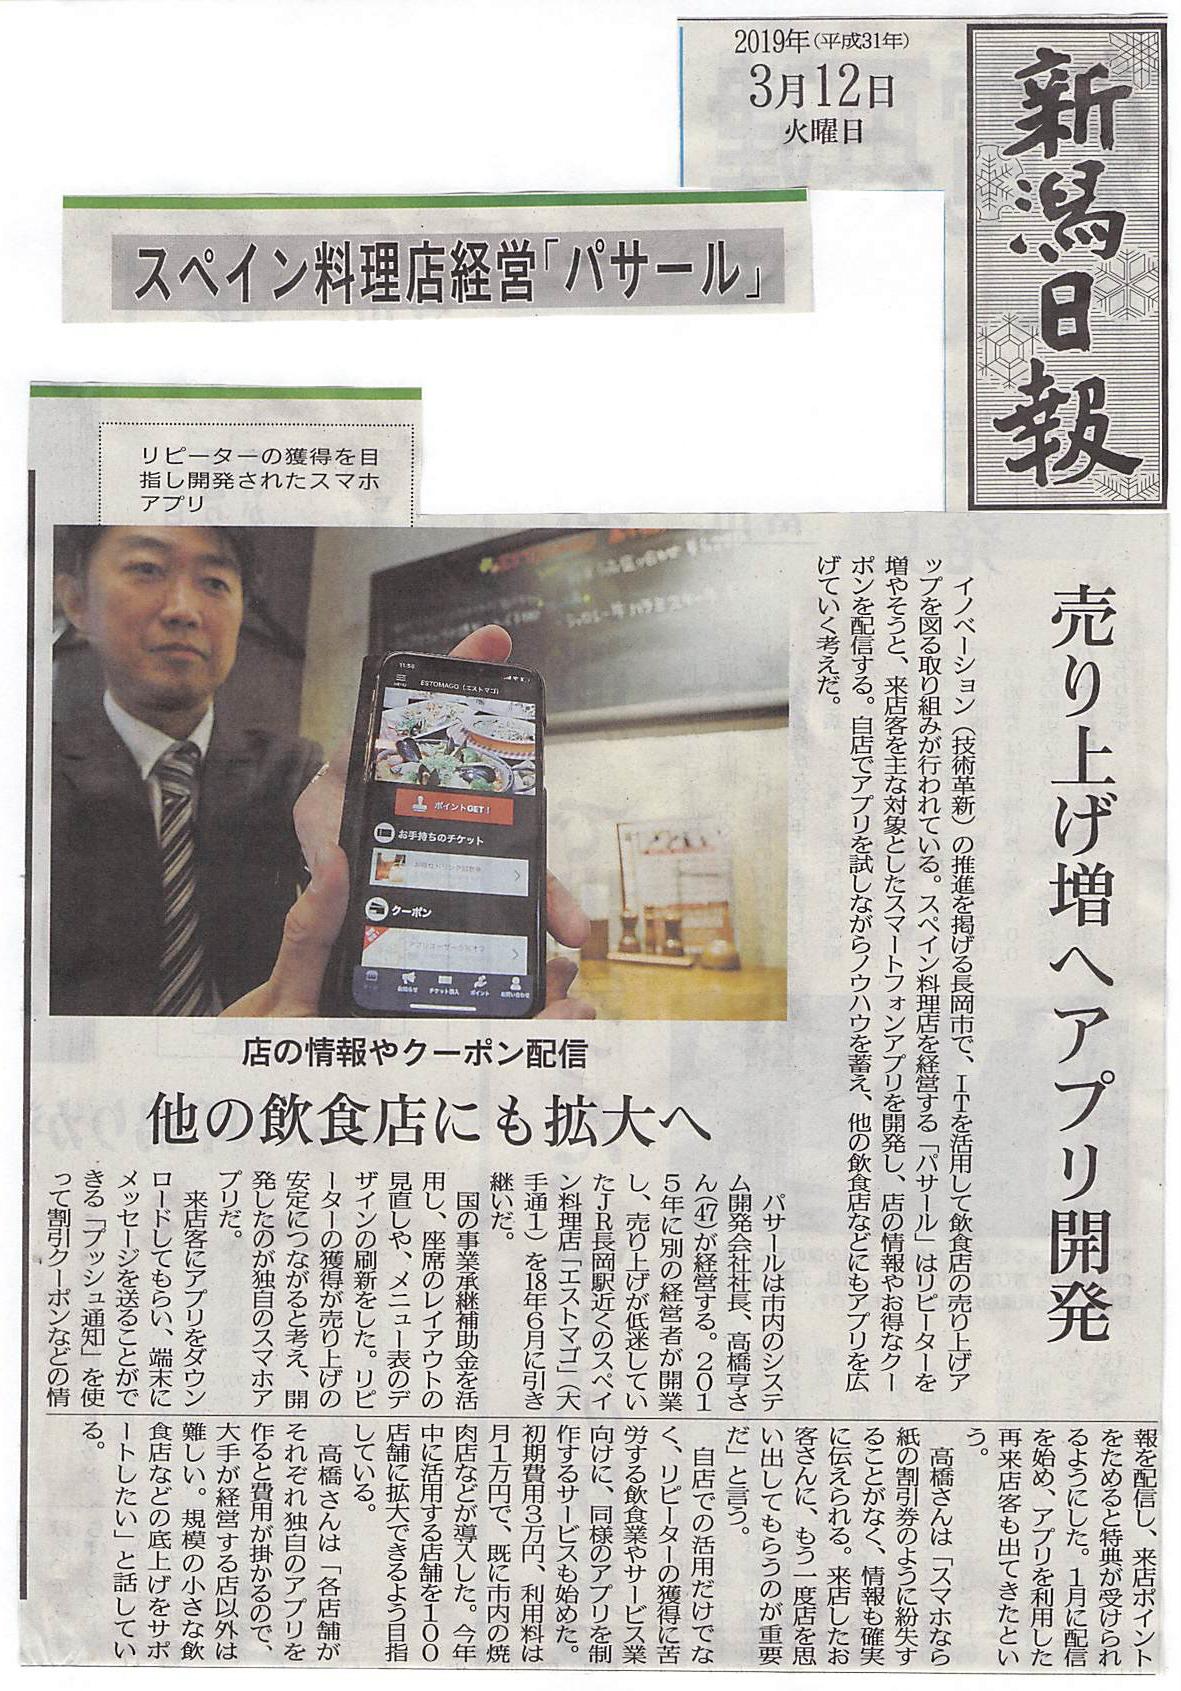 新潟日報に新サービス(店舗アプリ)について掲載されました。